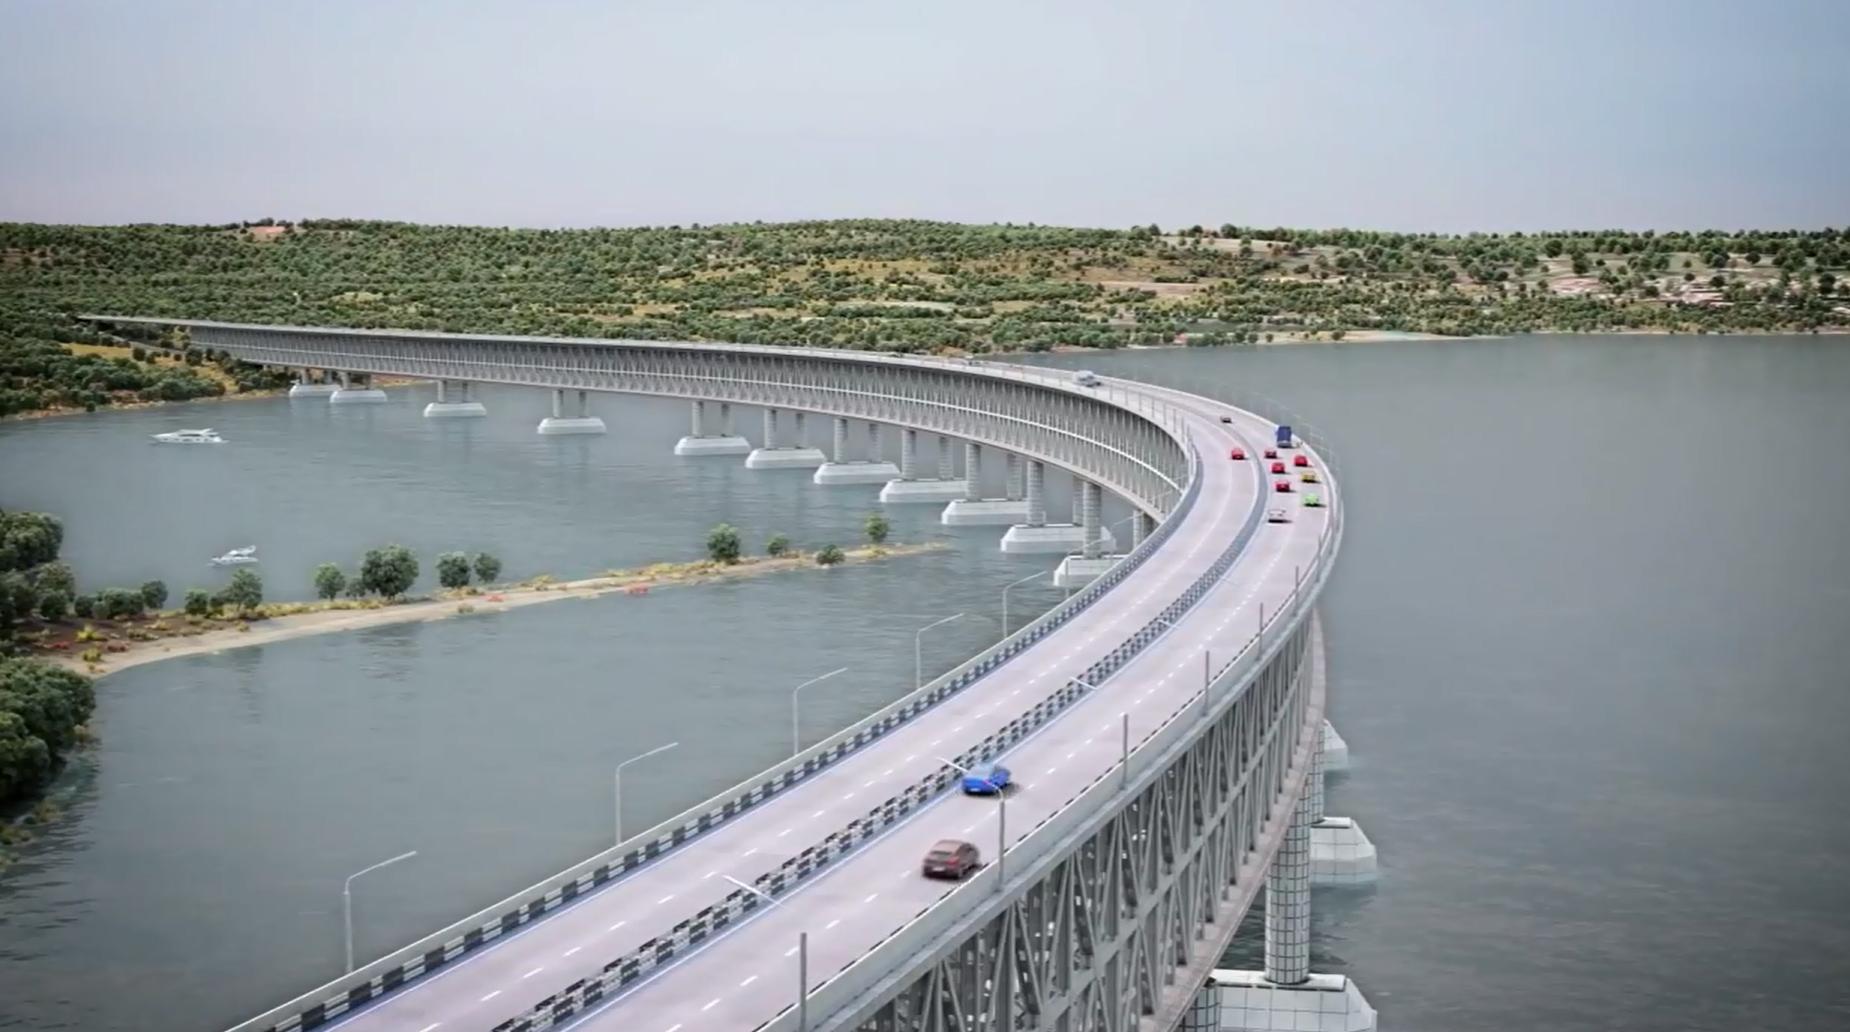 К Керченскому мосту доставили 5 млн. тн. строительных материалов. Новости ООО ВЕЛЕС ПЛЮС